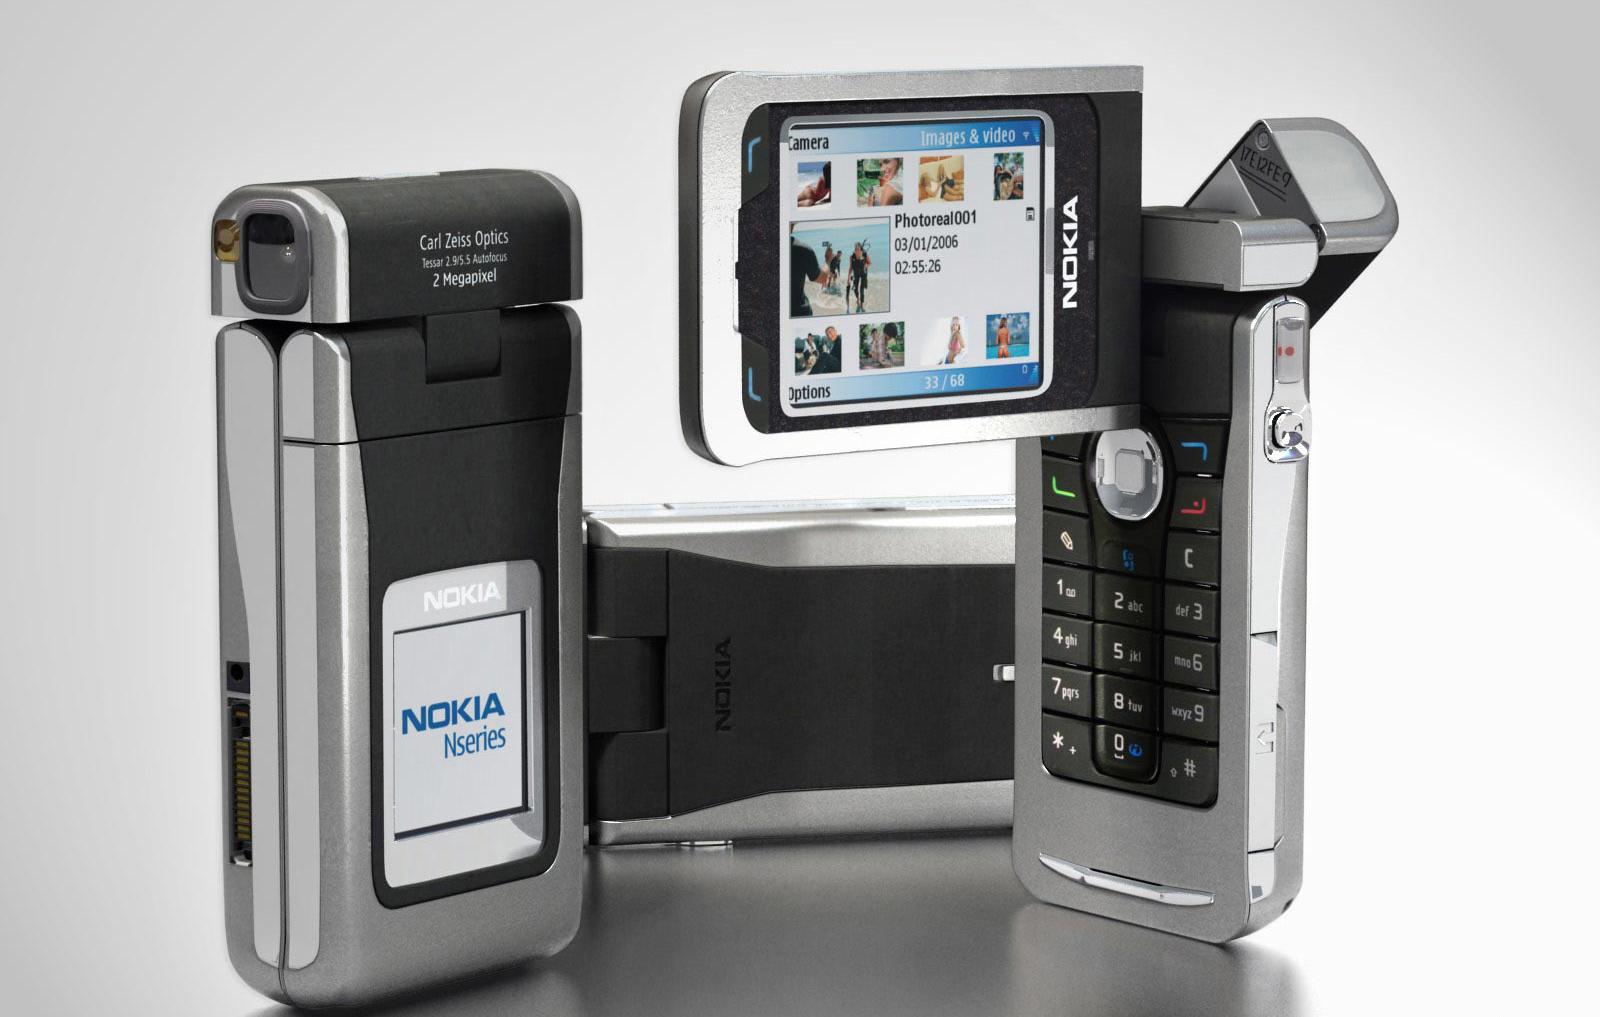 2005 год: Nokia N90, телефон и камера, стал первым смартфоном Nokia. Это была передовая модель, кото